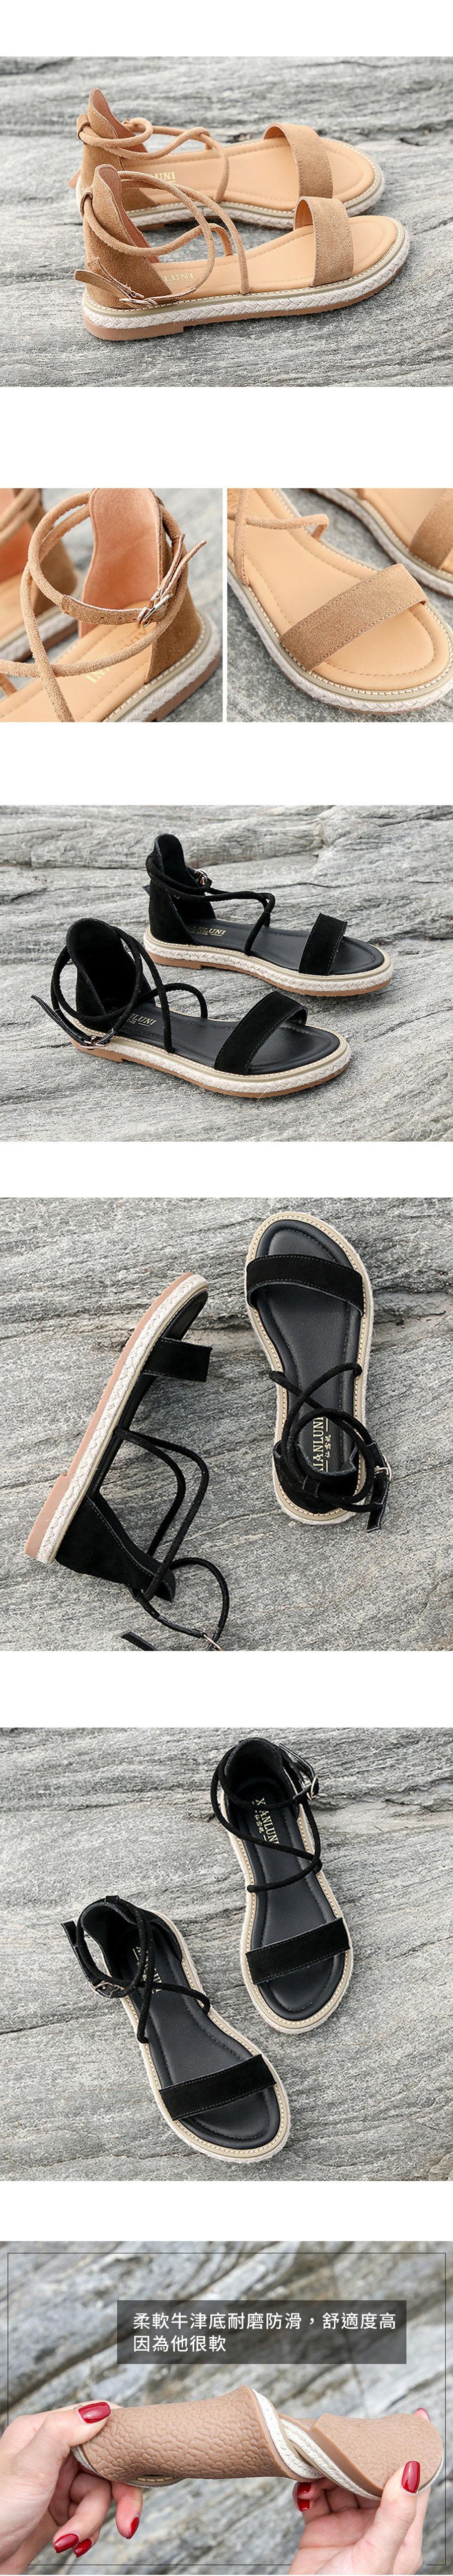 羅馬真皮一字綁帶平底鞋